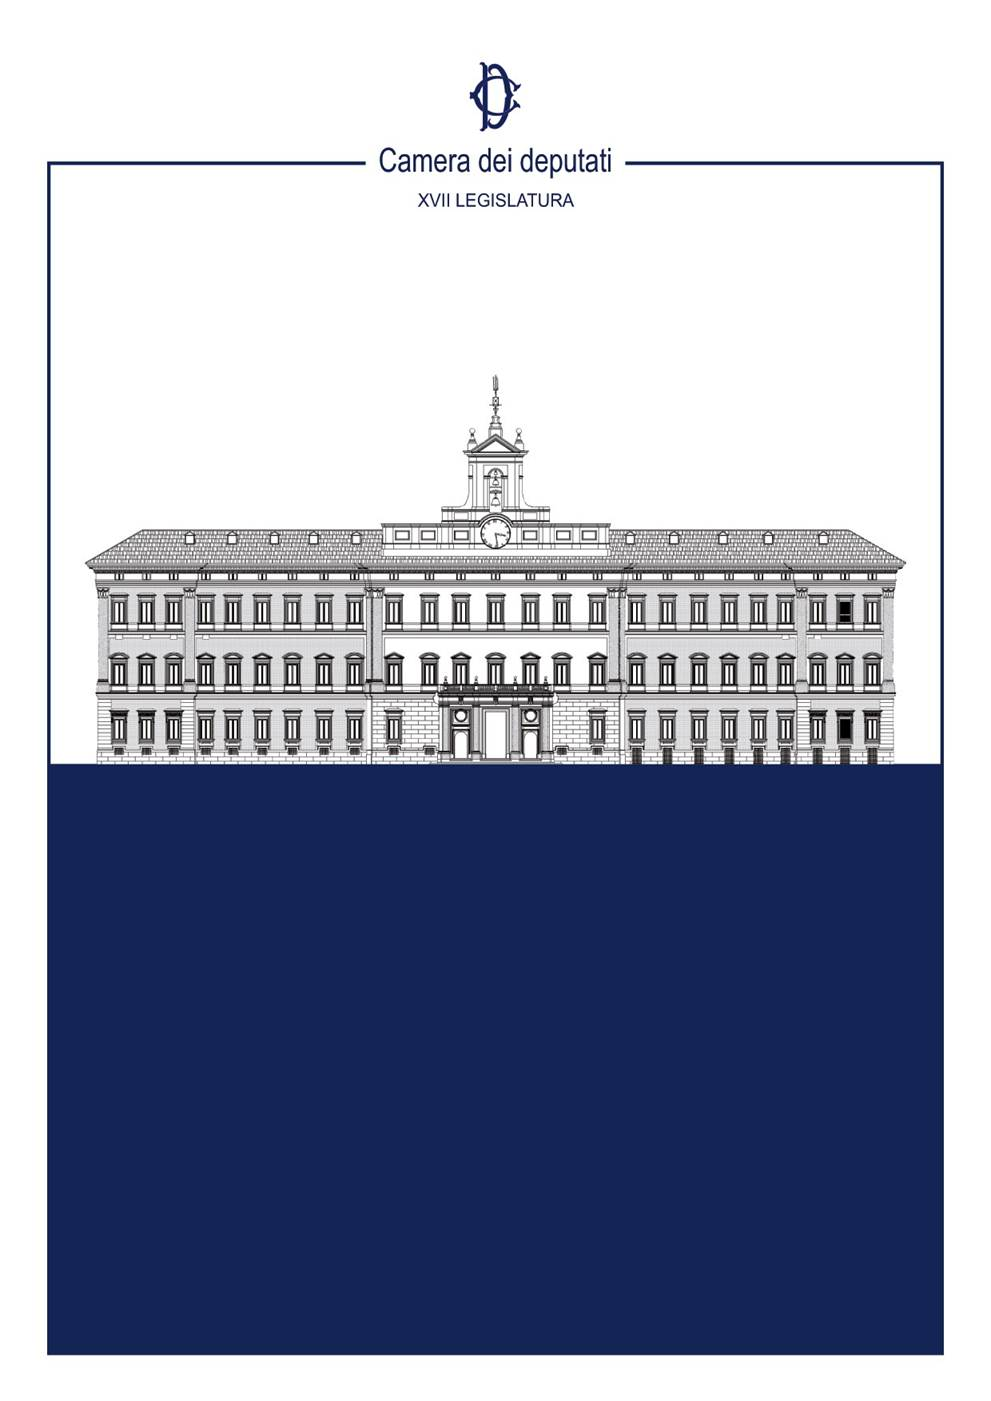 Camera dei deputati dossier es0391 for Rassegna stampa camera deputati